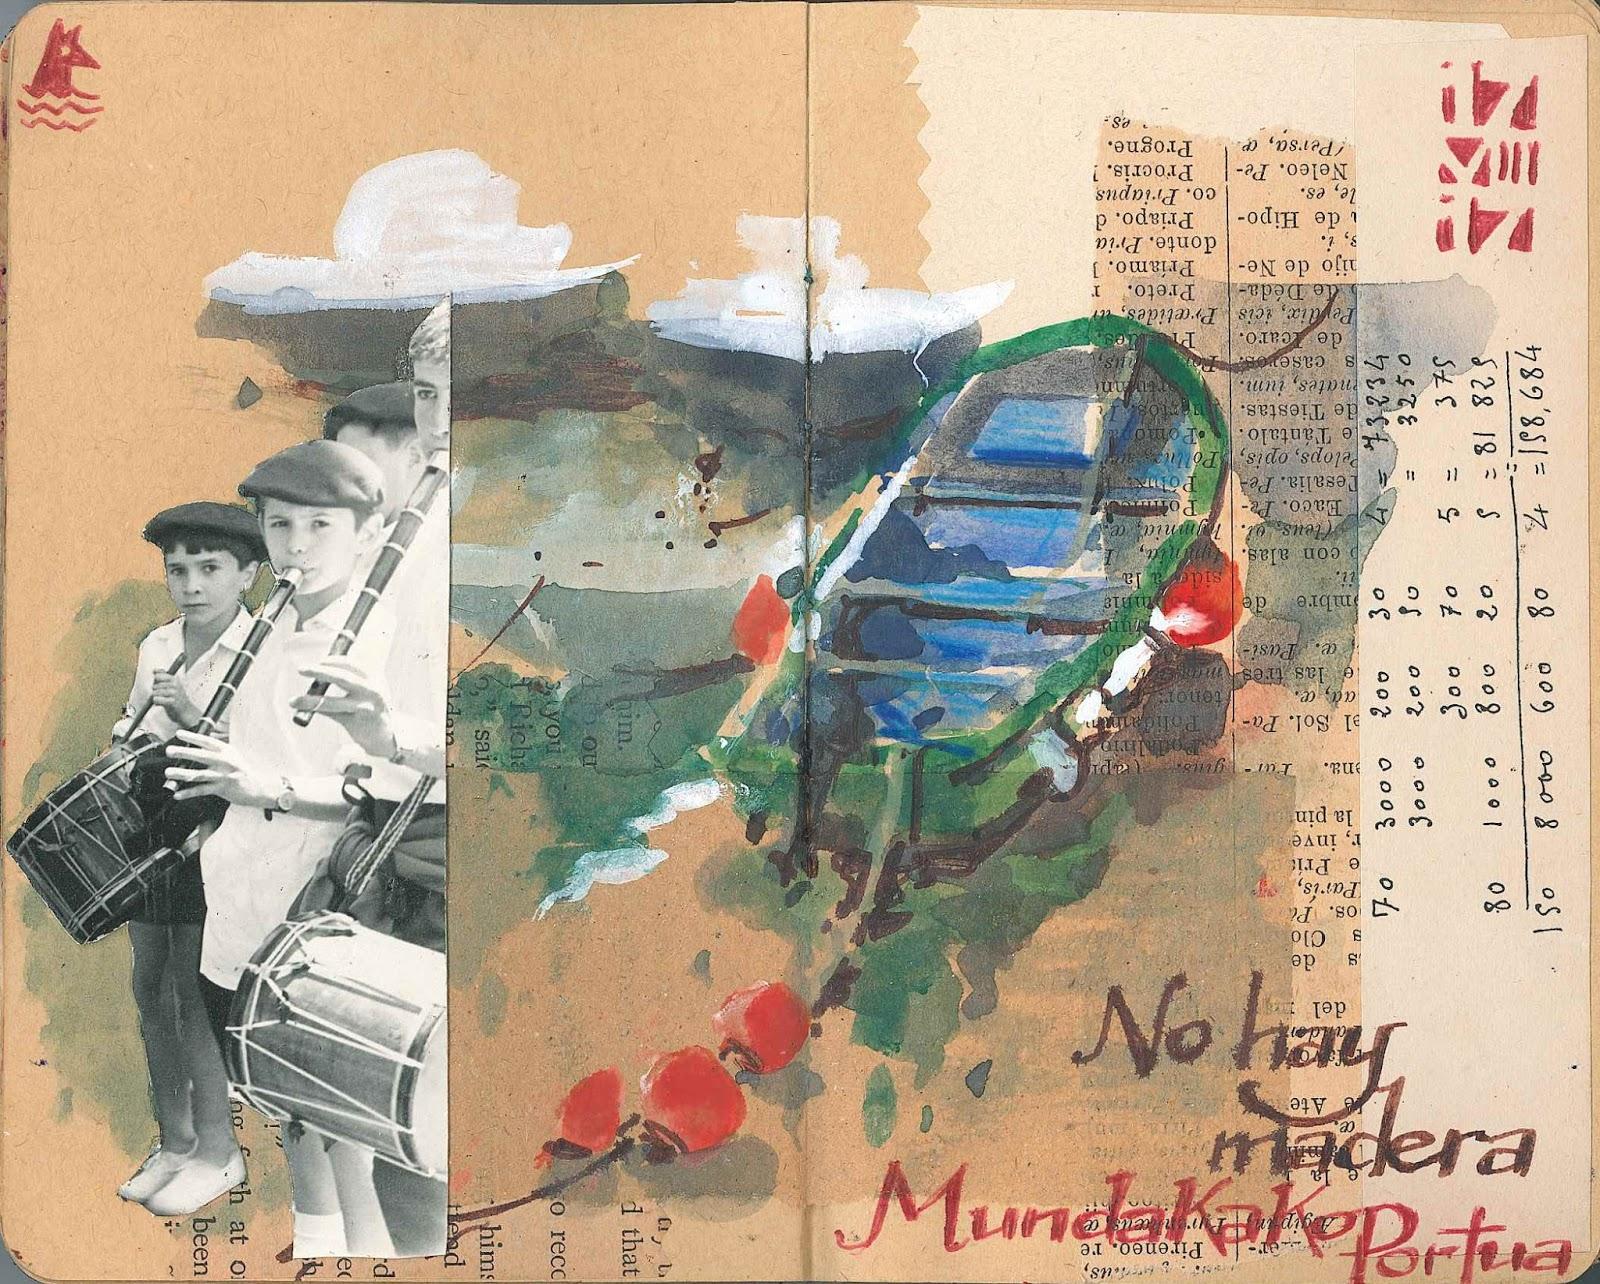 de vuelta con el cuaderno: VERANO INDIO